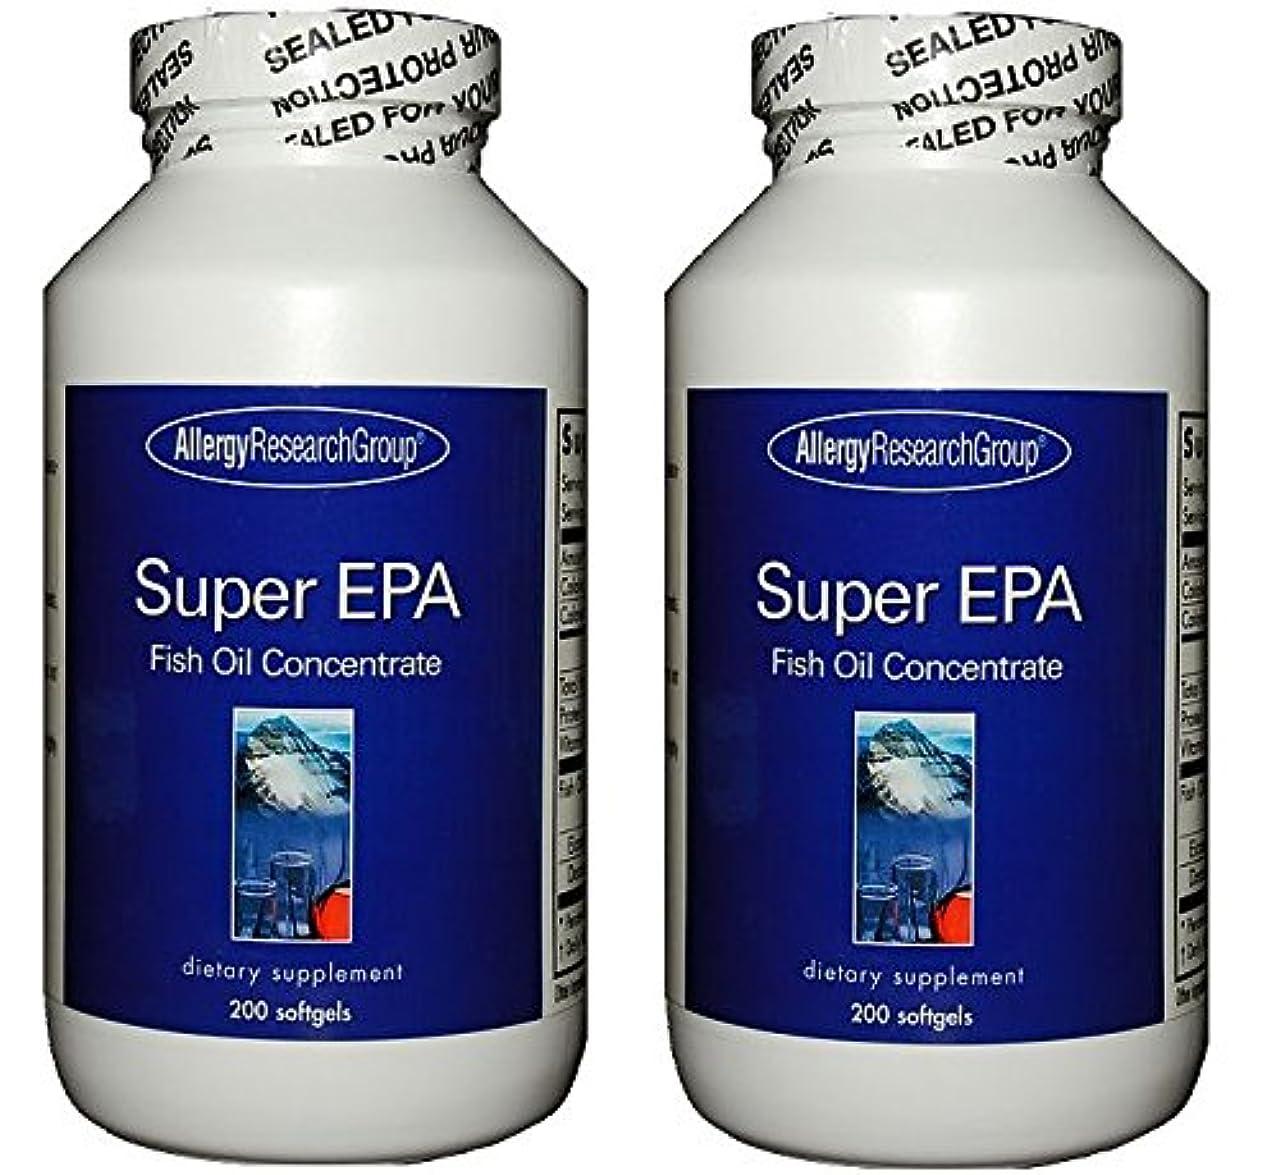 エンドテーブル値下げ失われたスーパーEPA & DHA  200ソフトカプセル (Super EPA Fish Oil Concentrate 200 softgels) [海外直送品] 2ボトル